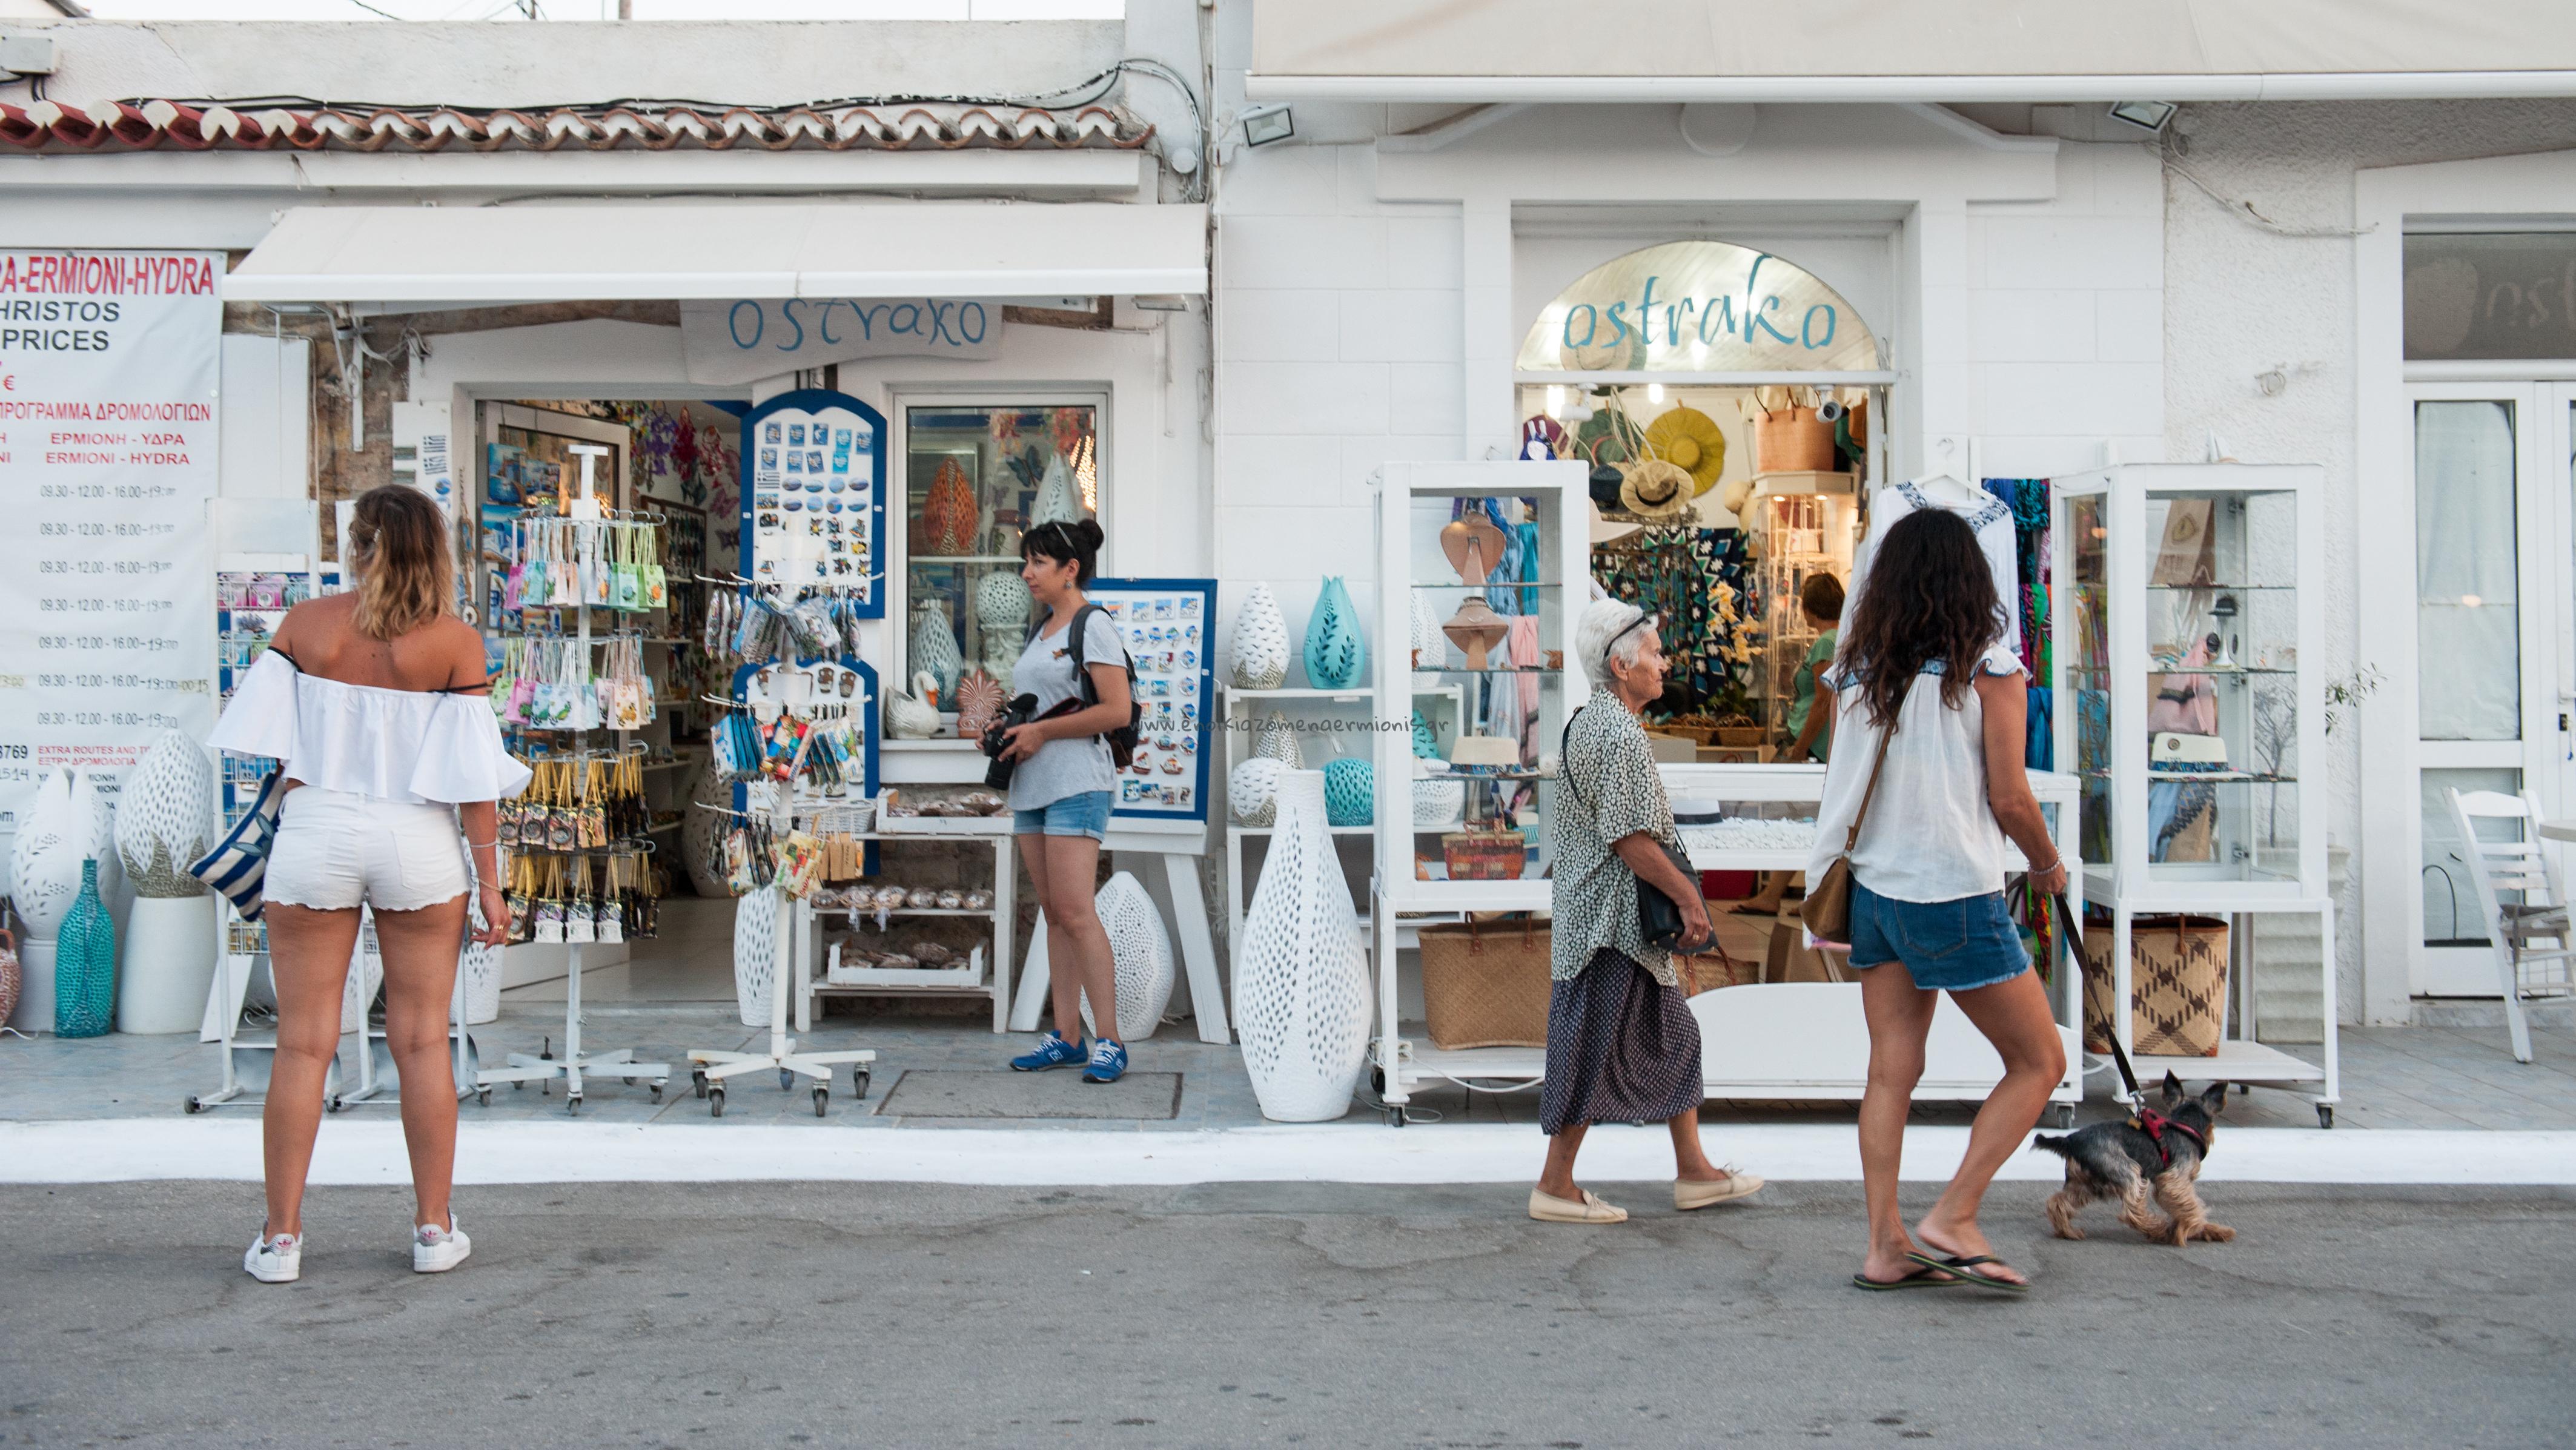 Μικρό μαγαζάκι με είδη δώρων, τσάντες & ρούχα